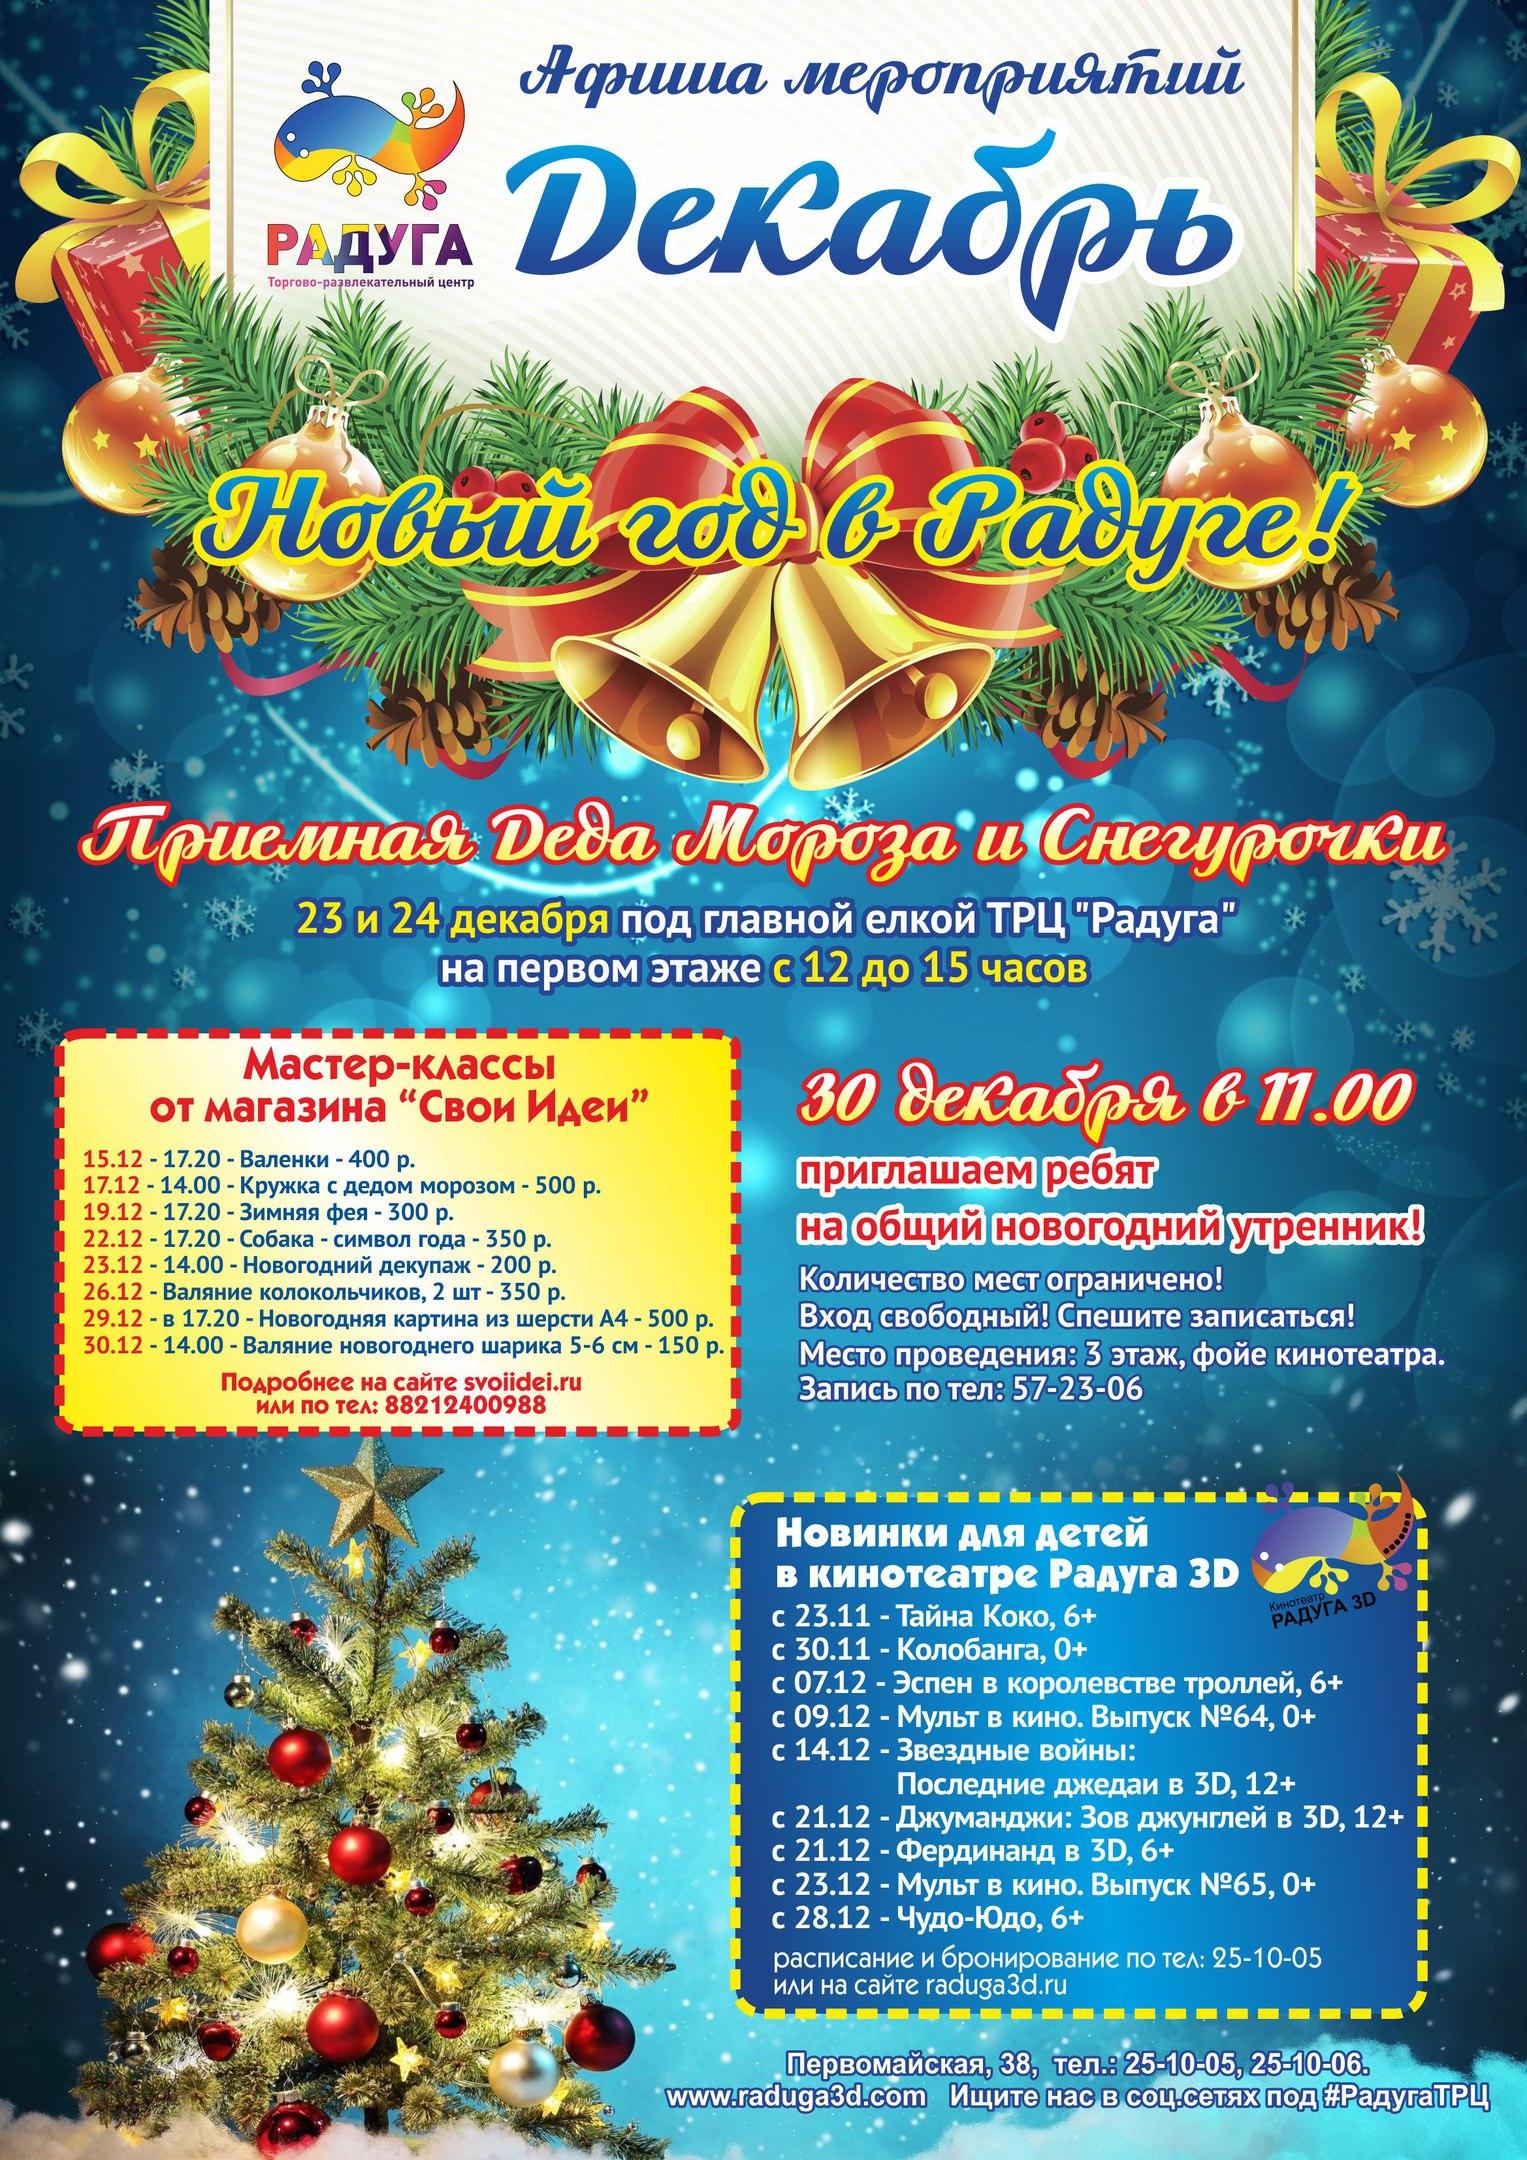 Новый год в Радуге! Афиша мероприятий на декабрь